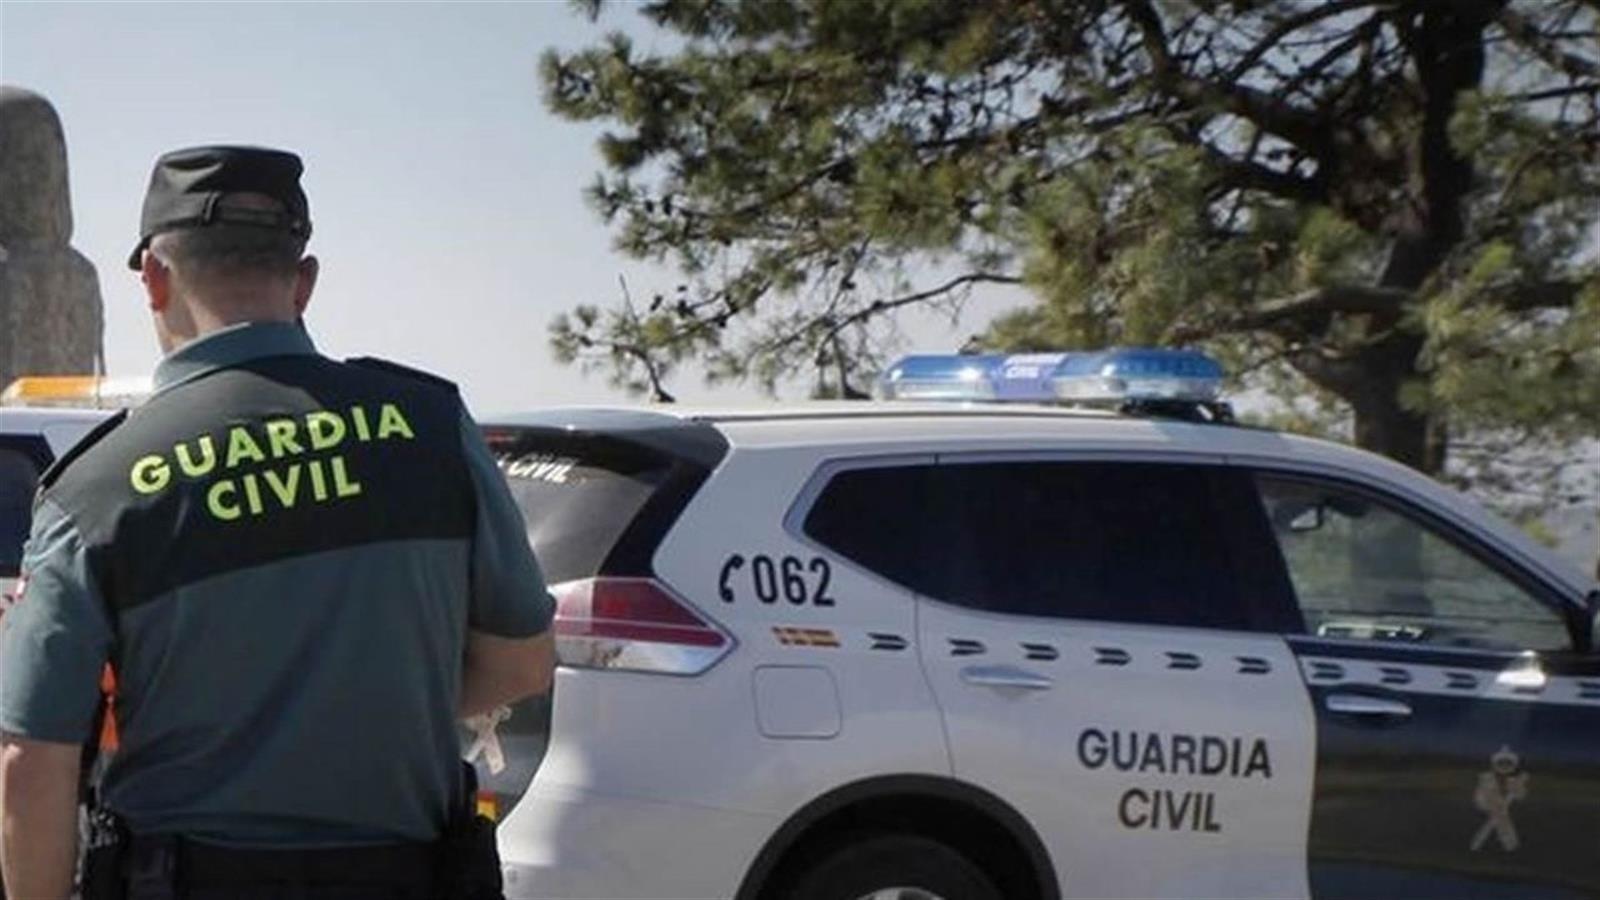 Cuatro detenidos por el robo en una vivienda a cuyo propietario le habían balizado el vehículo